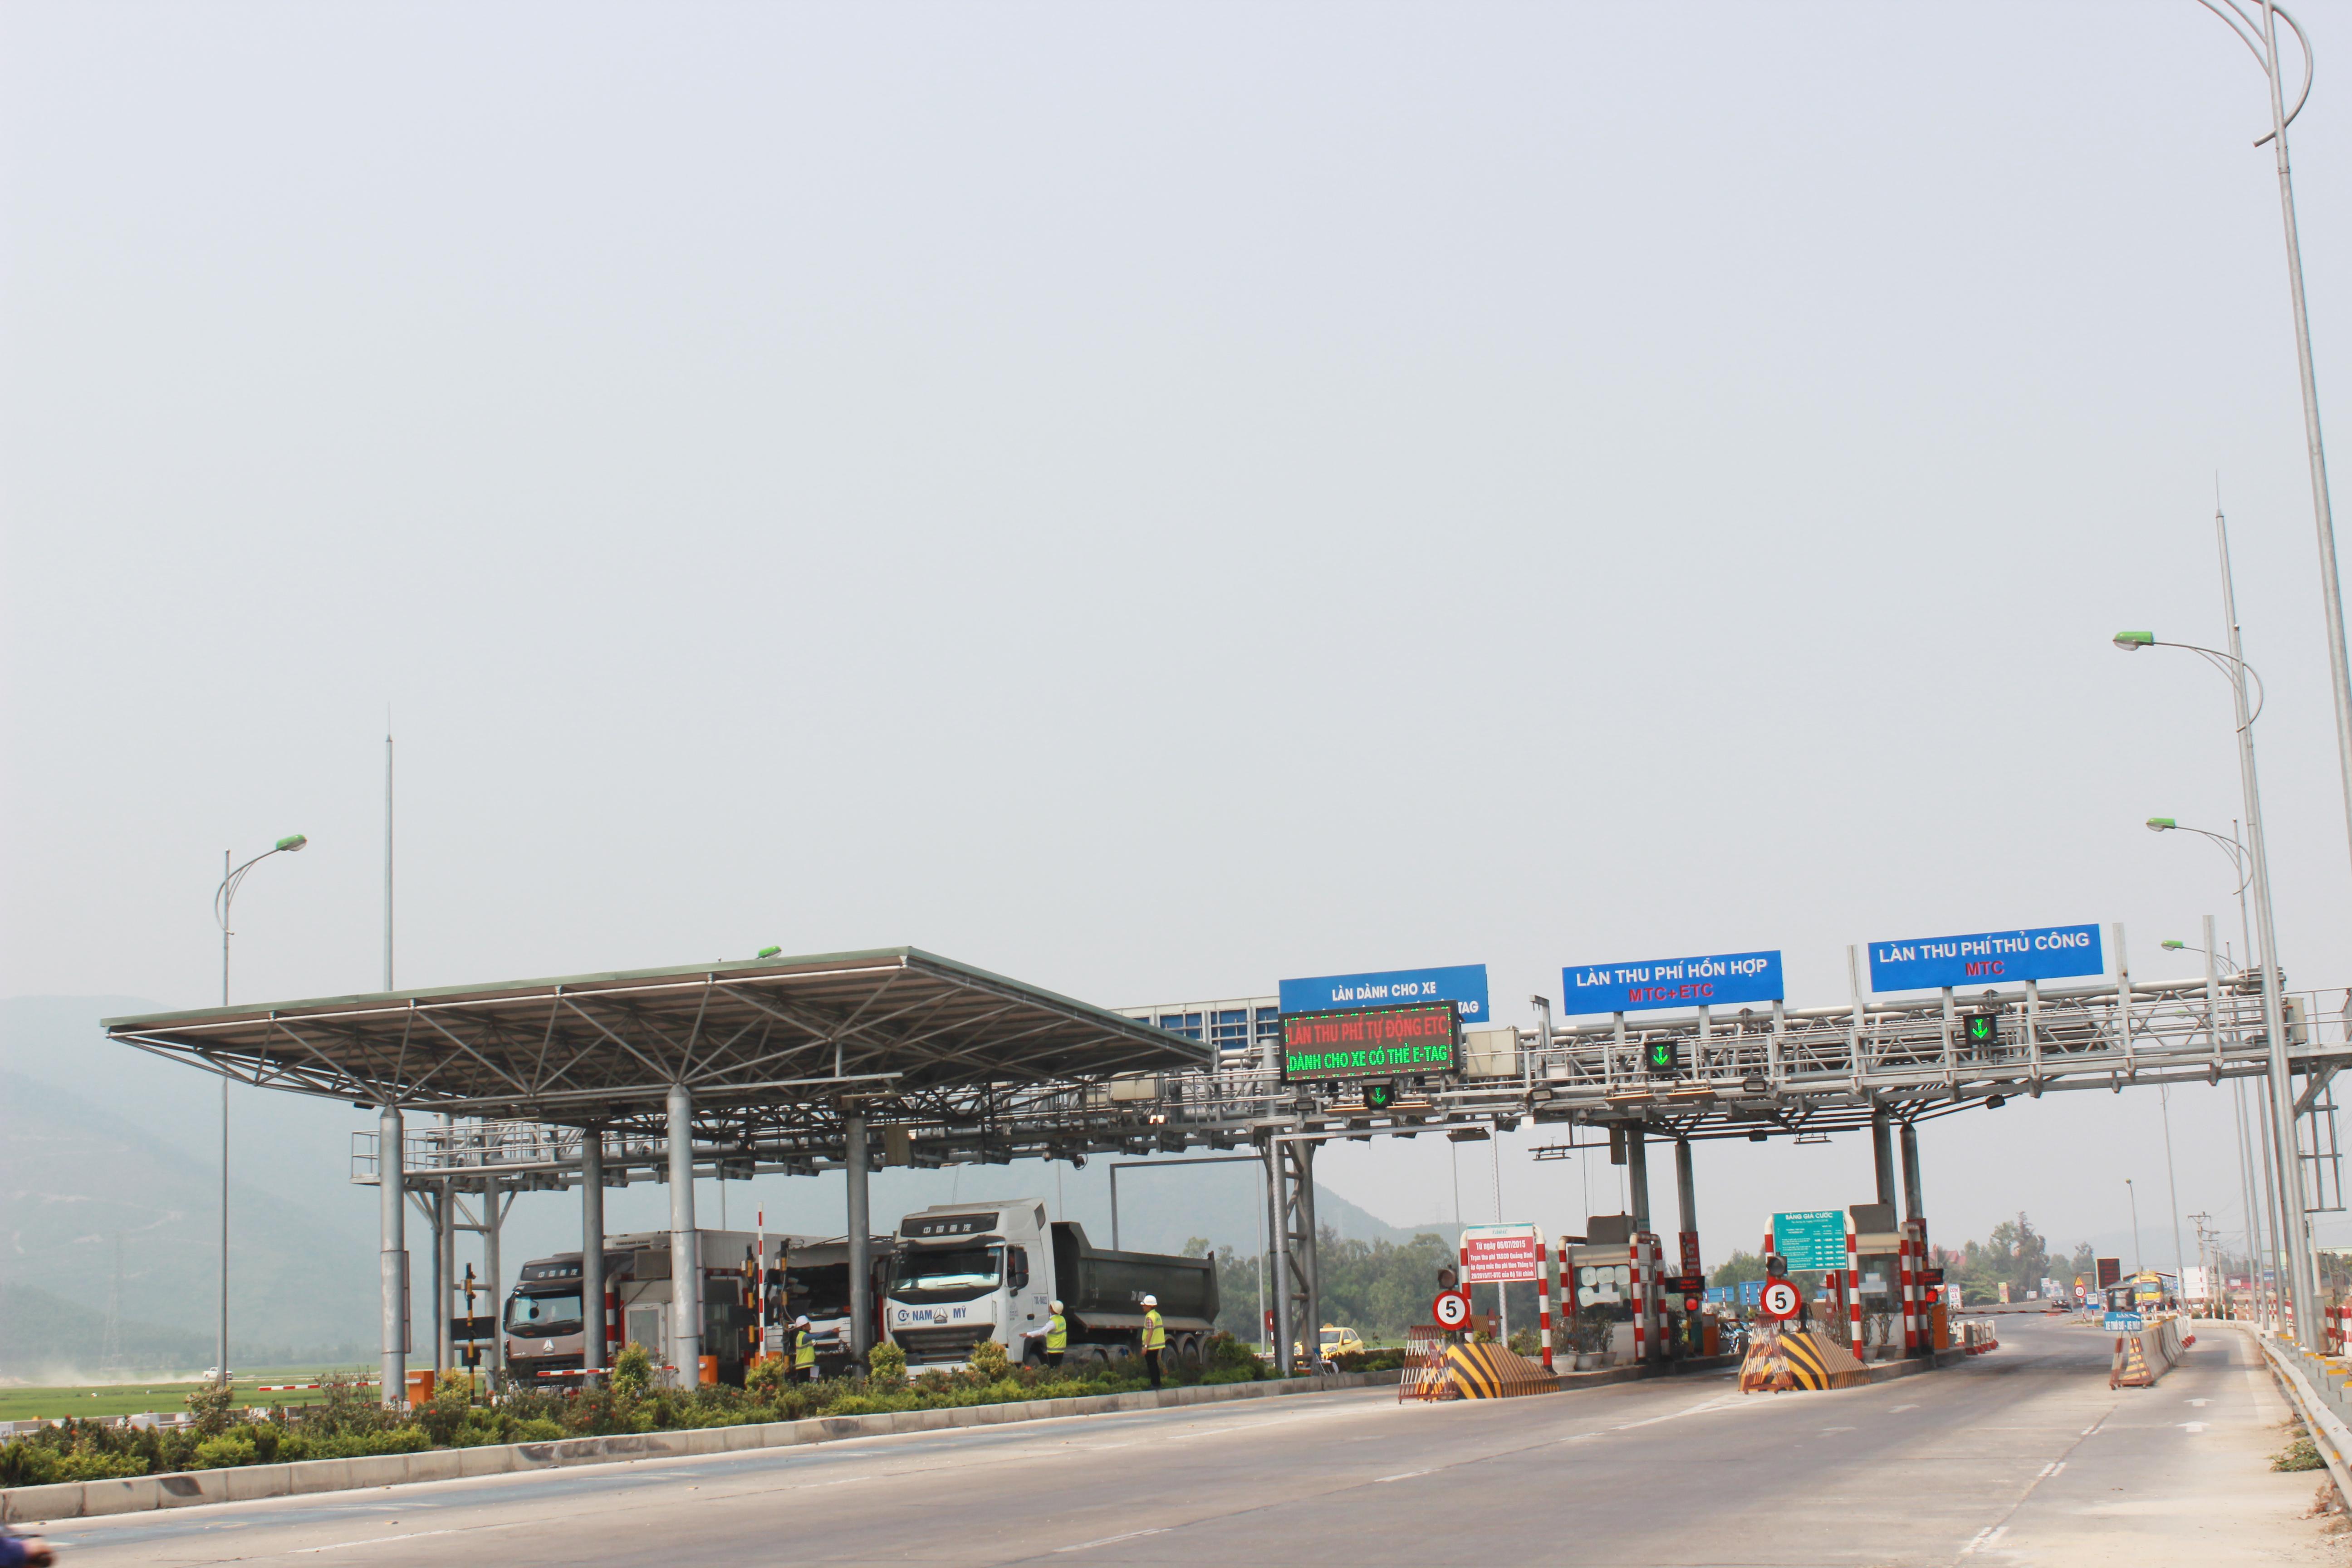 Trạm thu phí BOT tại QL 1A, Km 604+700 do Công ty Cổ phần TASCO khai thác